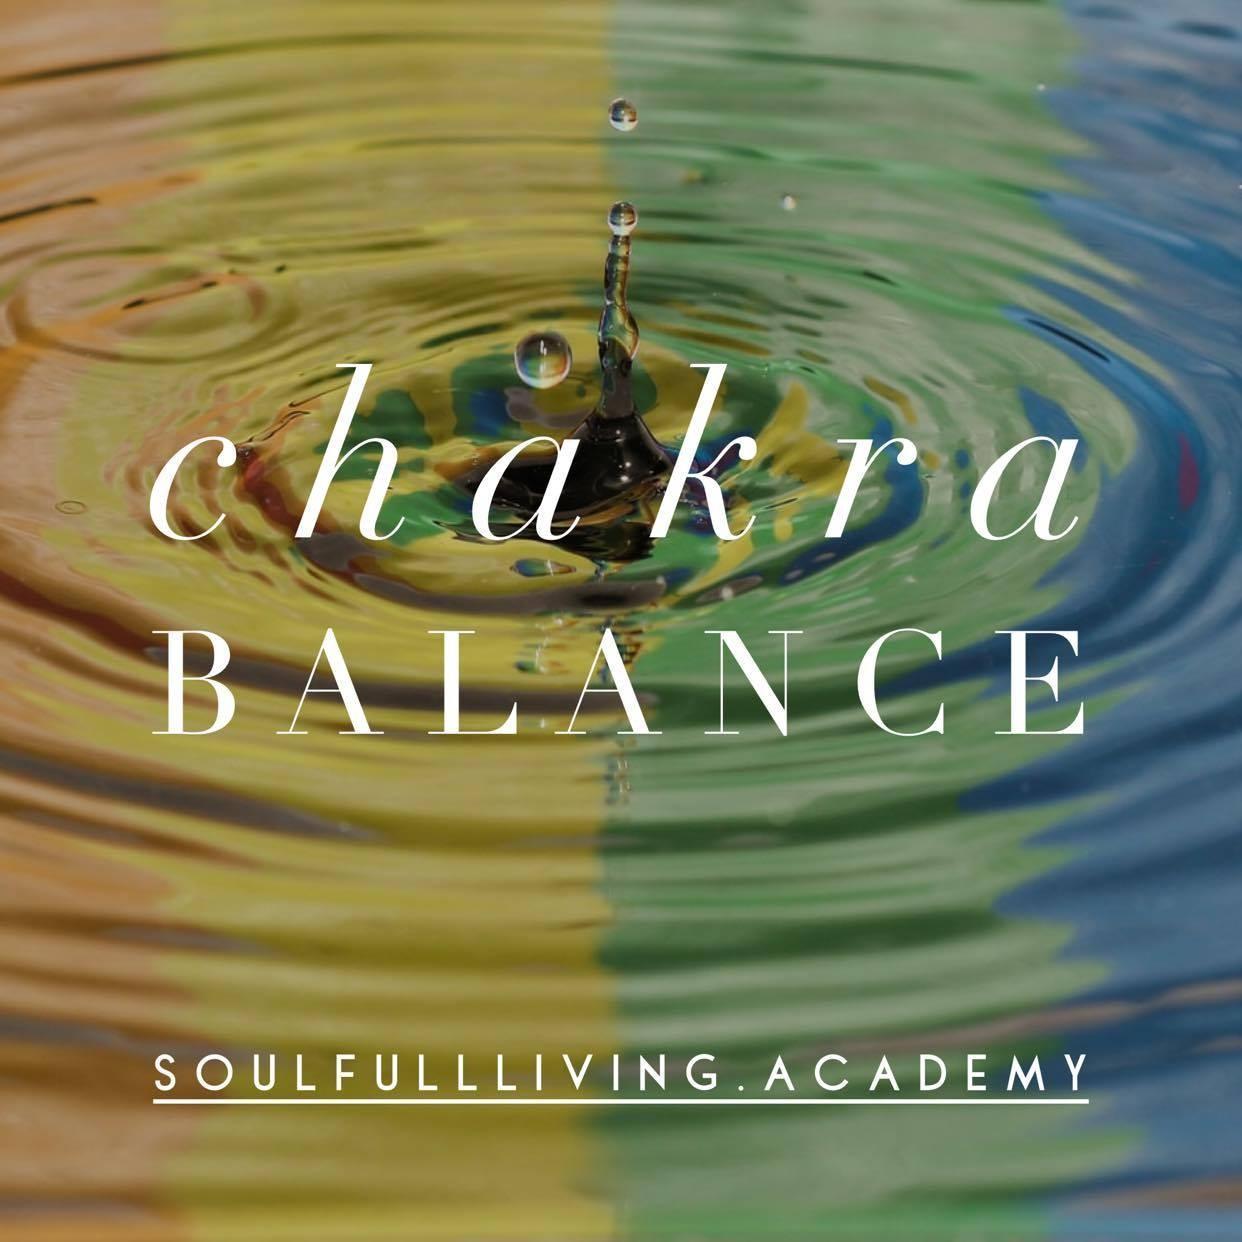 chakra balance image